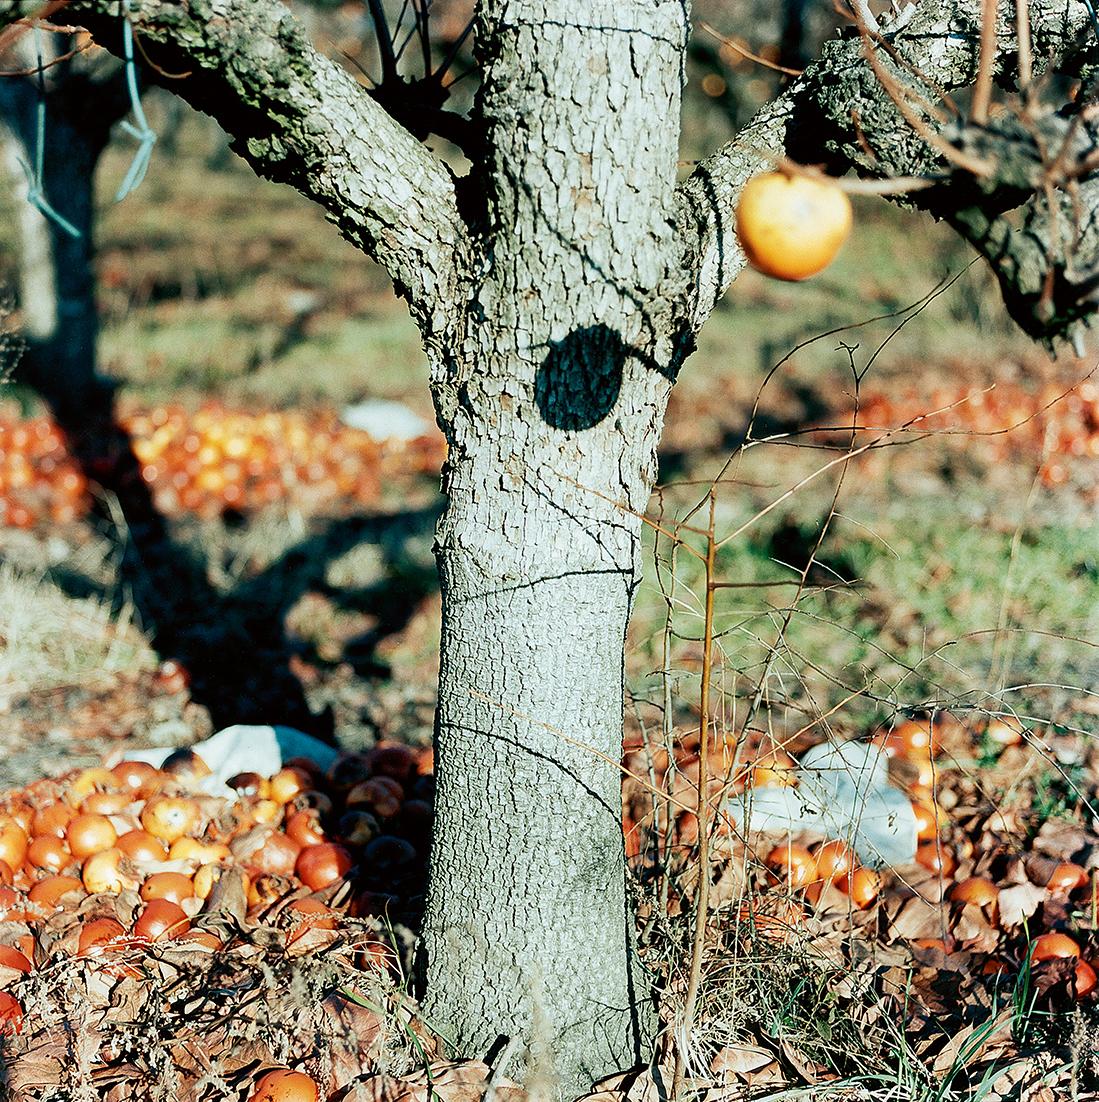 Guido Guidi, Lunario 1968-1999, stampa a contatto c-print, cm 24x30, © Guido Guidi, courtesy Viasaterna